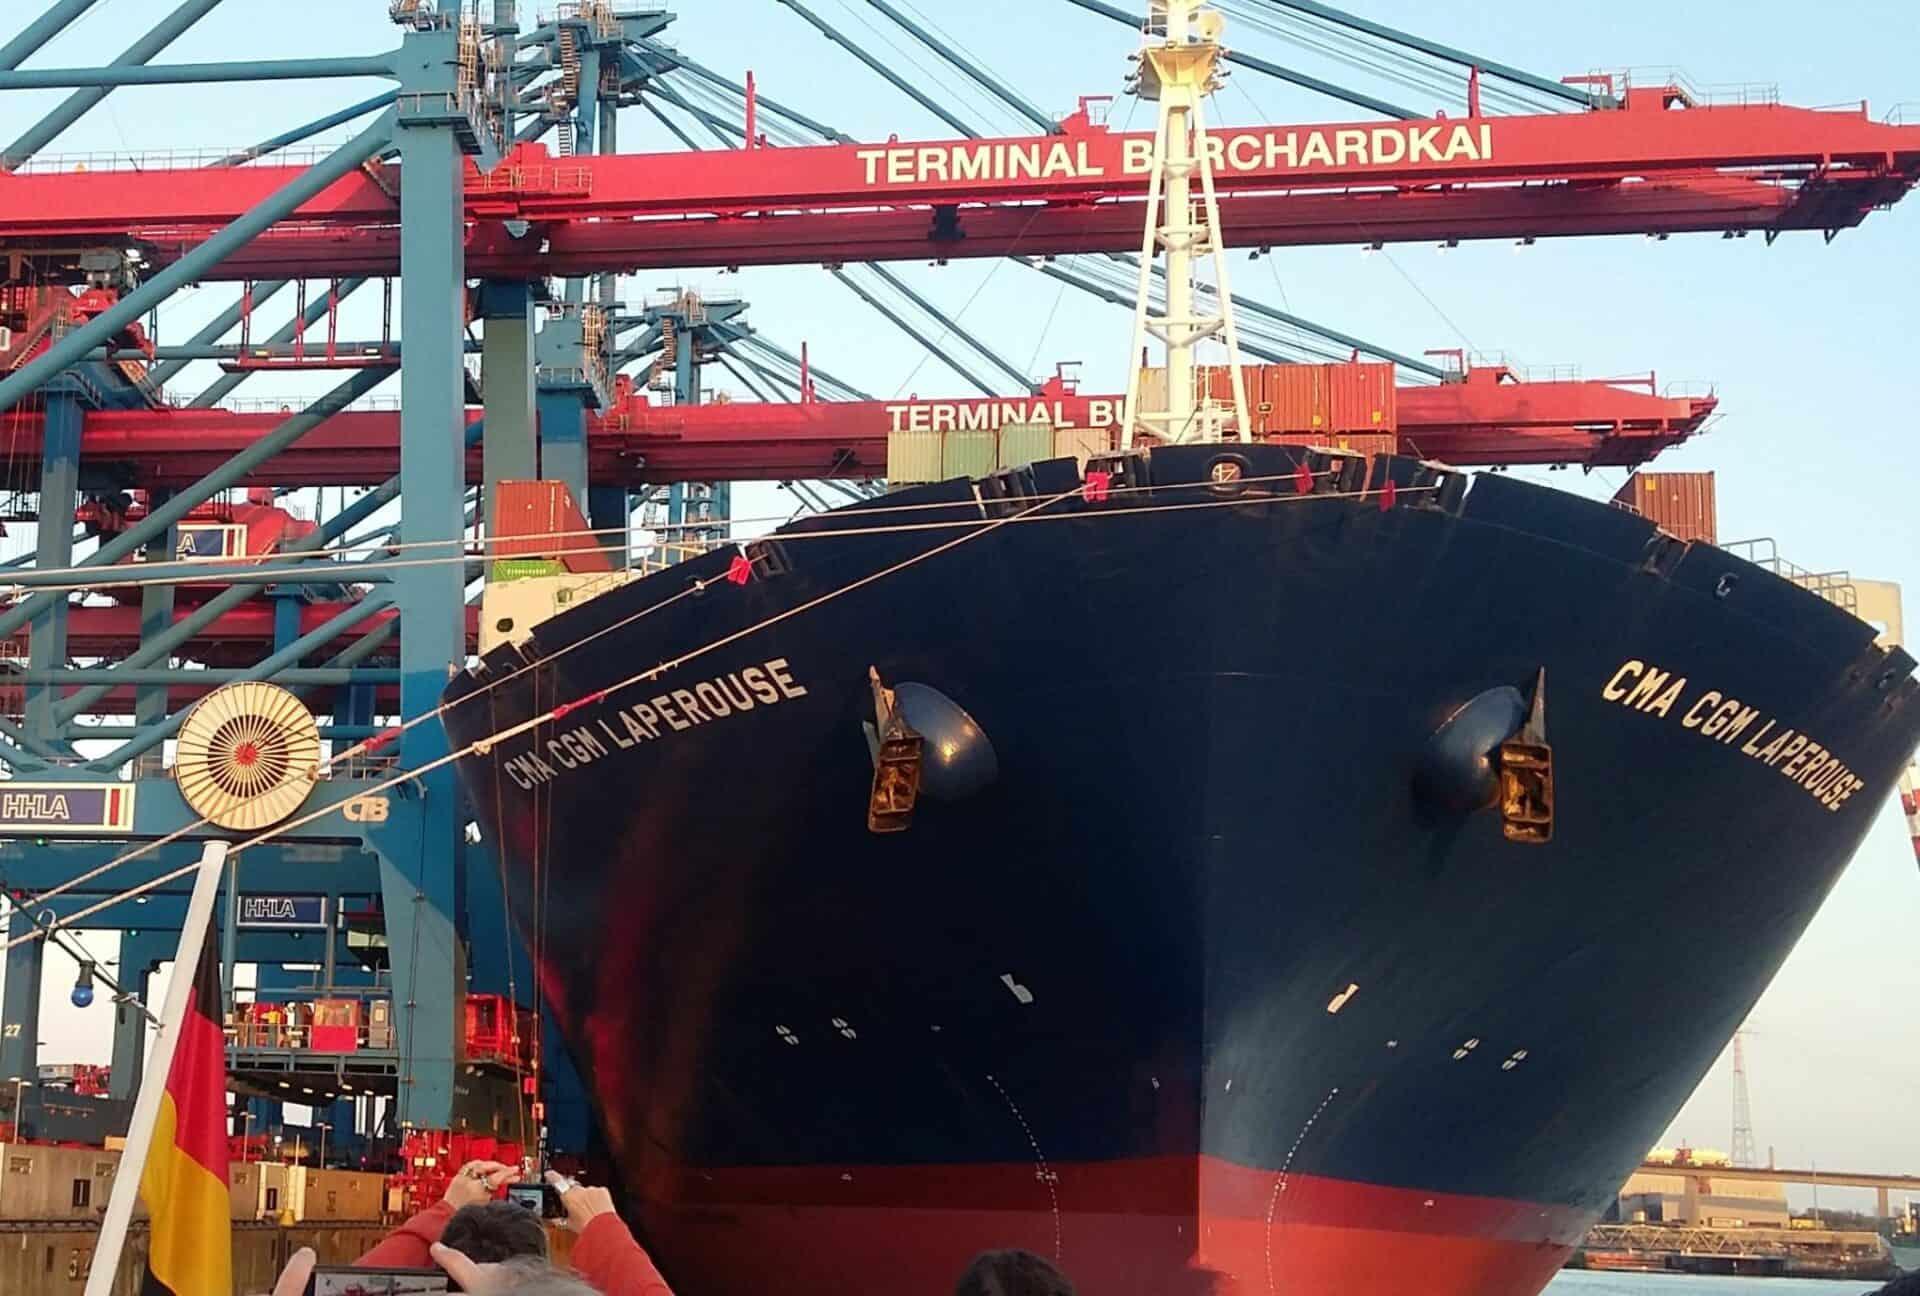 Hafen Hamburg - Große Pötte - Foto Jürgen Schlenker